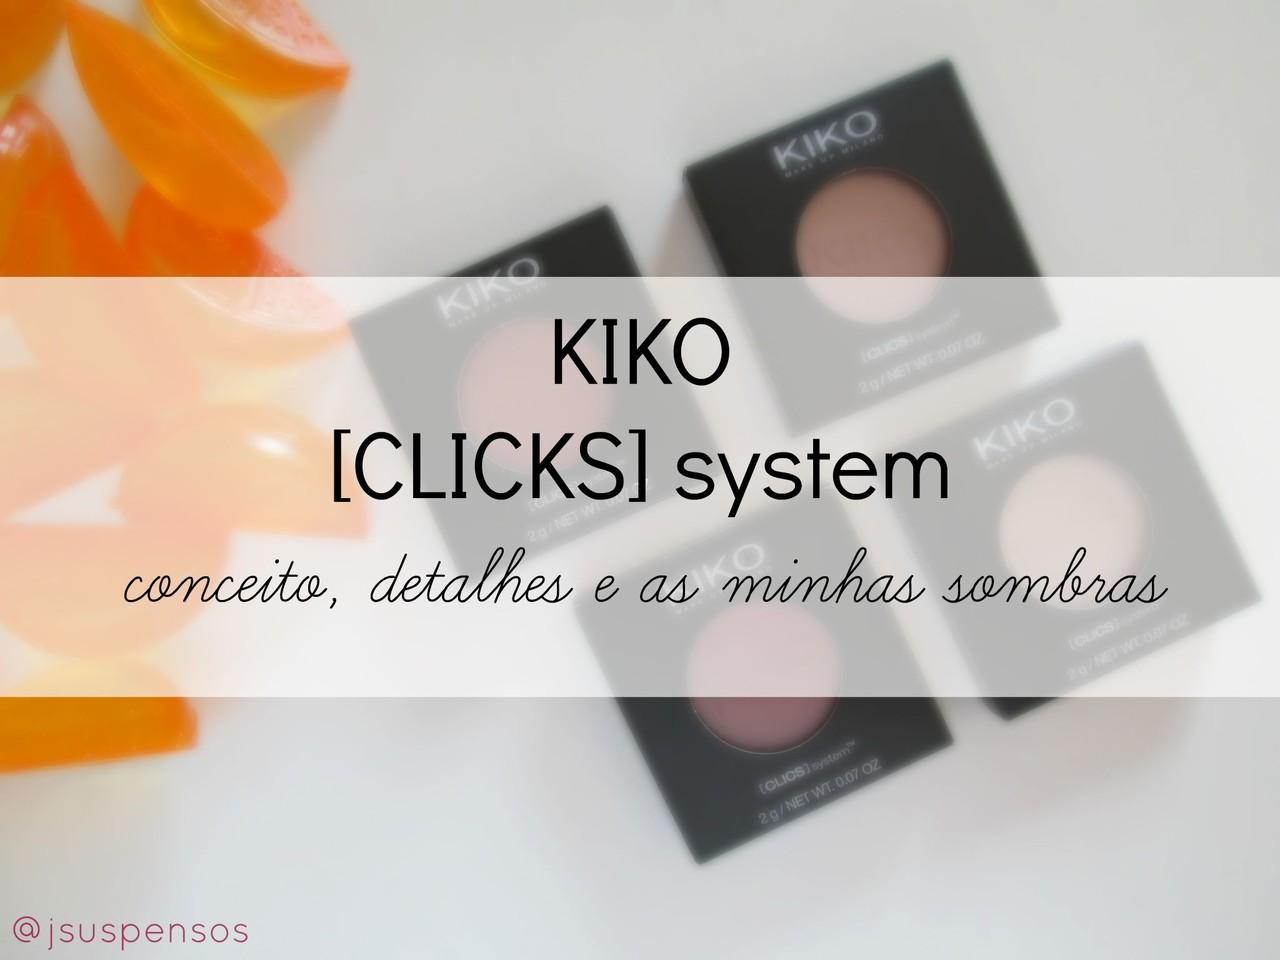 kiko-clicks-capa-jardins-suspensos.jpg